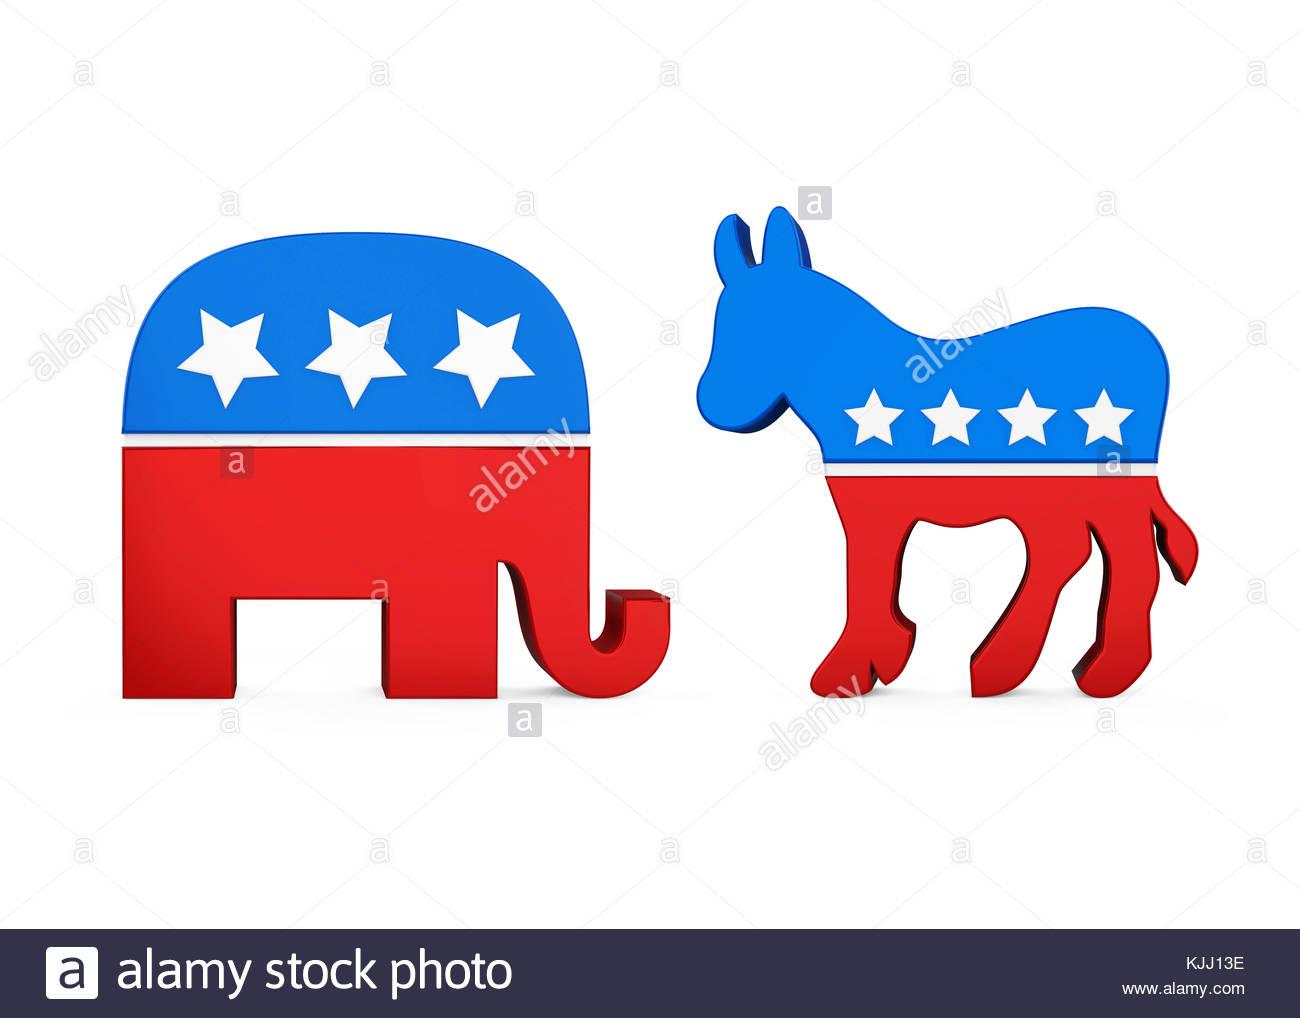 1300x1018 Donkey And Elephant Stock Photos Amp Donkey And Elephant Stock